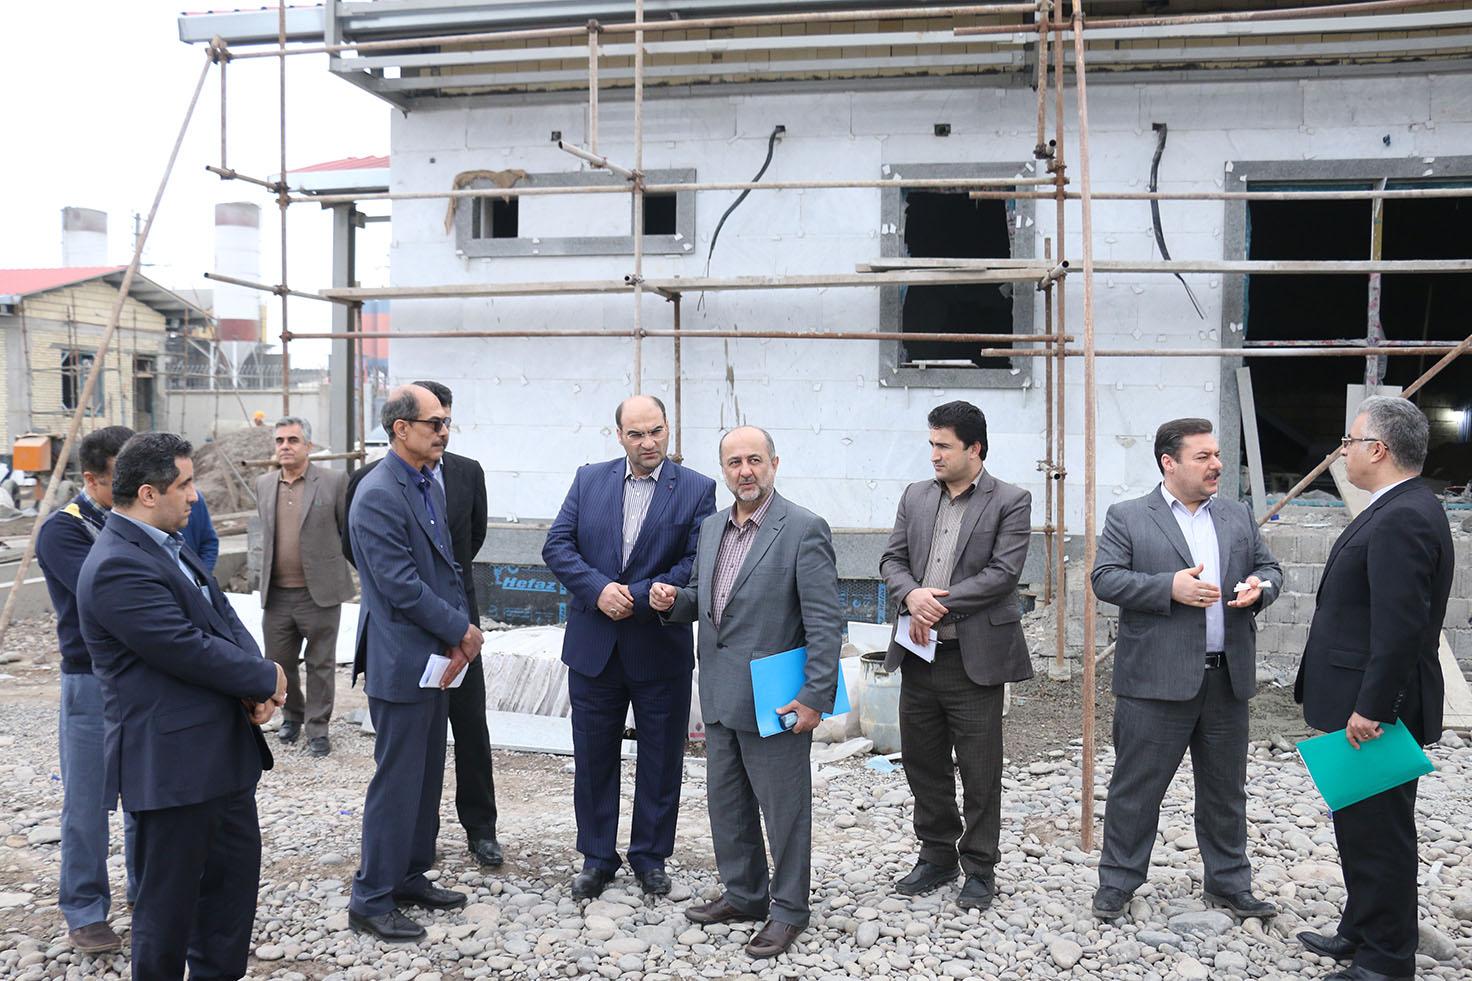 بازدیدرئیس دیوان محاسبات استان گیلان؛ از پروژه های در دست احداث شرکت برق منطقه ای گیلان